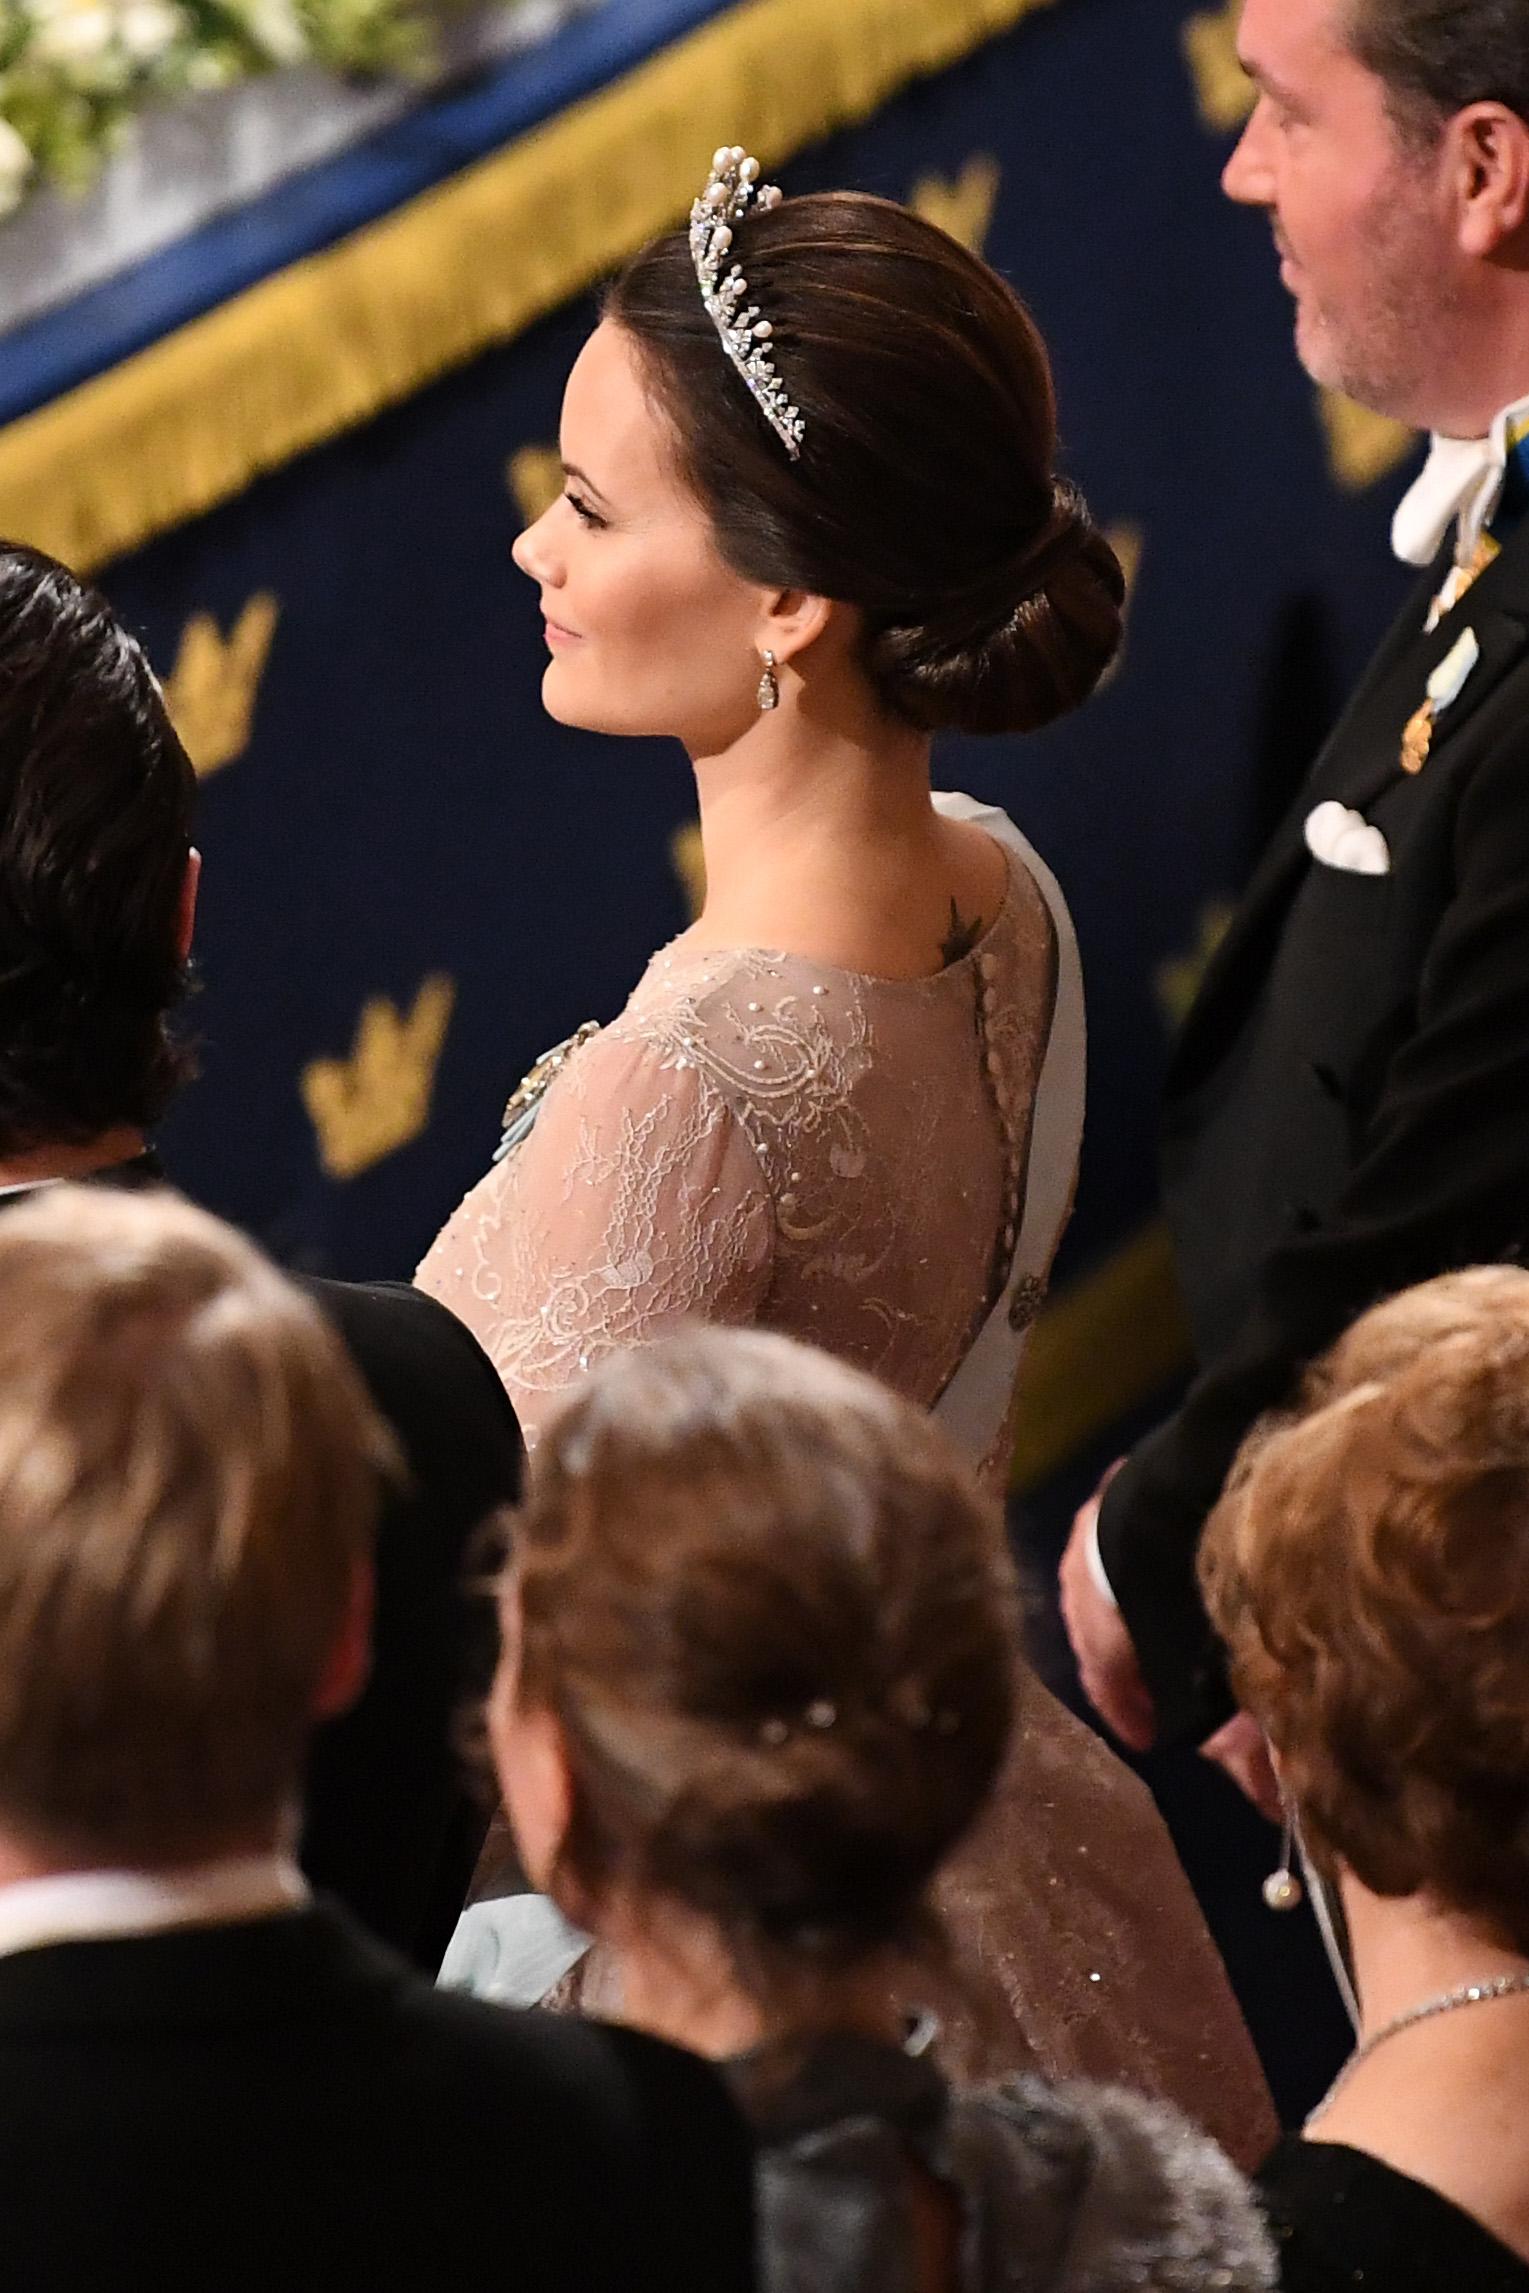 Unter dem Kleid von Prinzessin Sofia von Schweden blitzt ihr Sonnen-Tattoo hervor. Foto: Getty Images